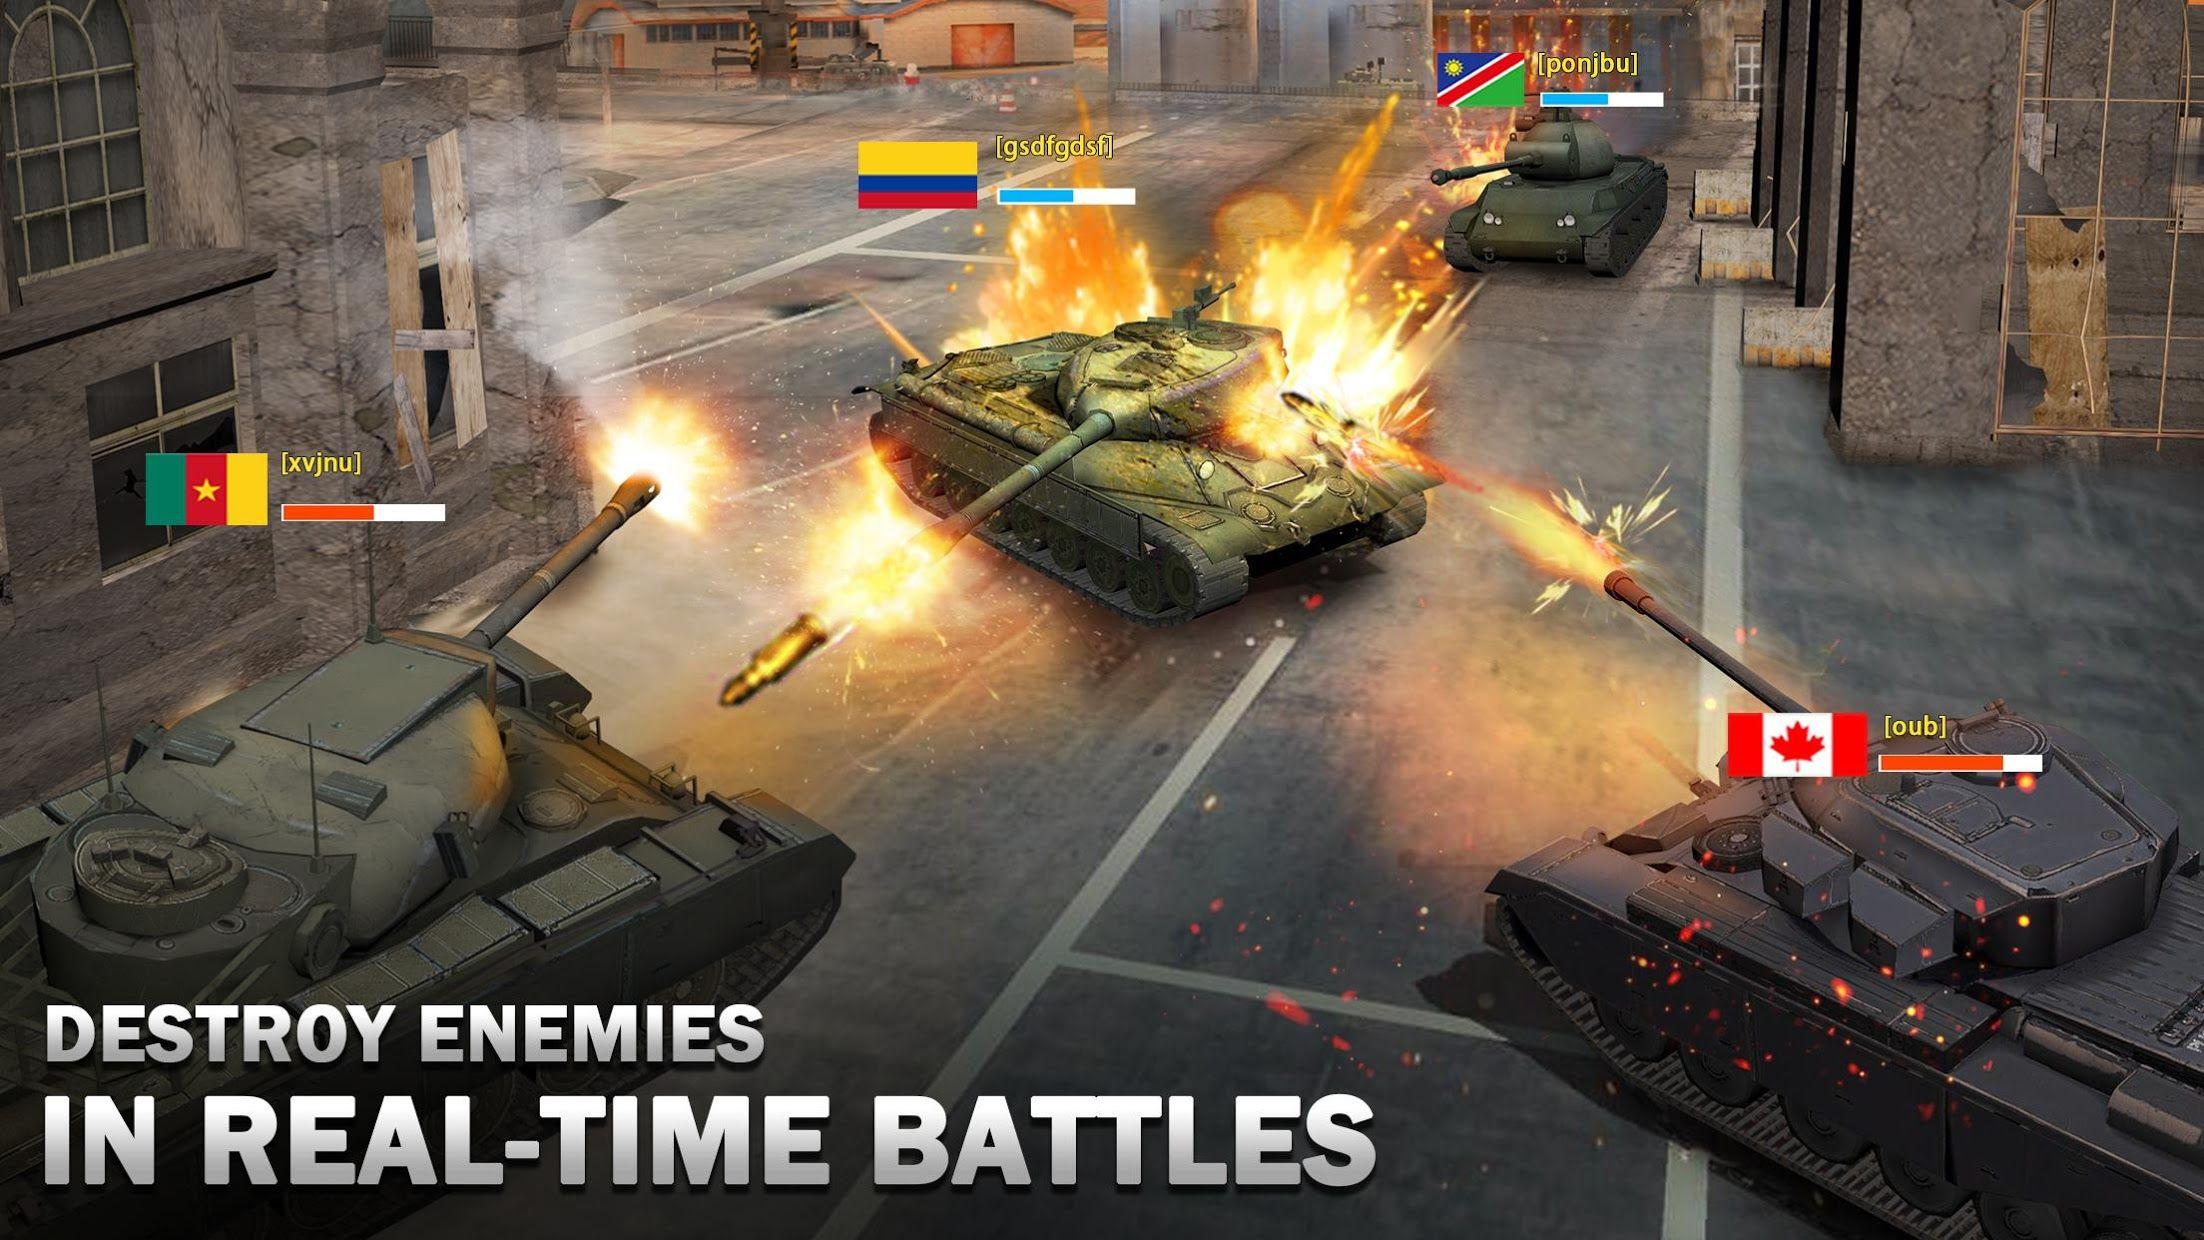 狂怒坦克:世界之巅,生存大战 游戏截图1